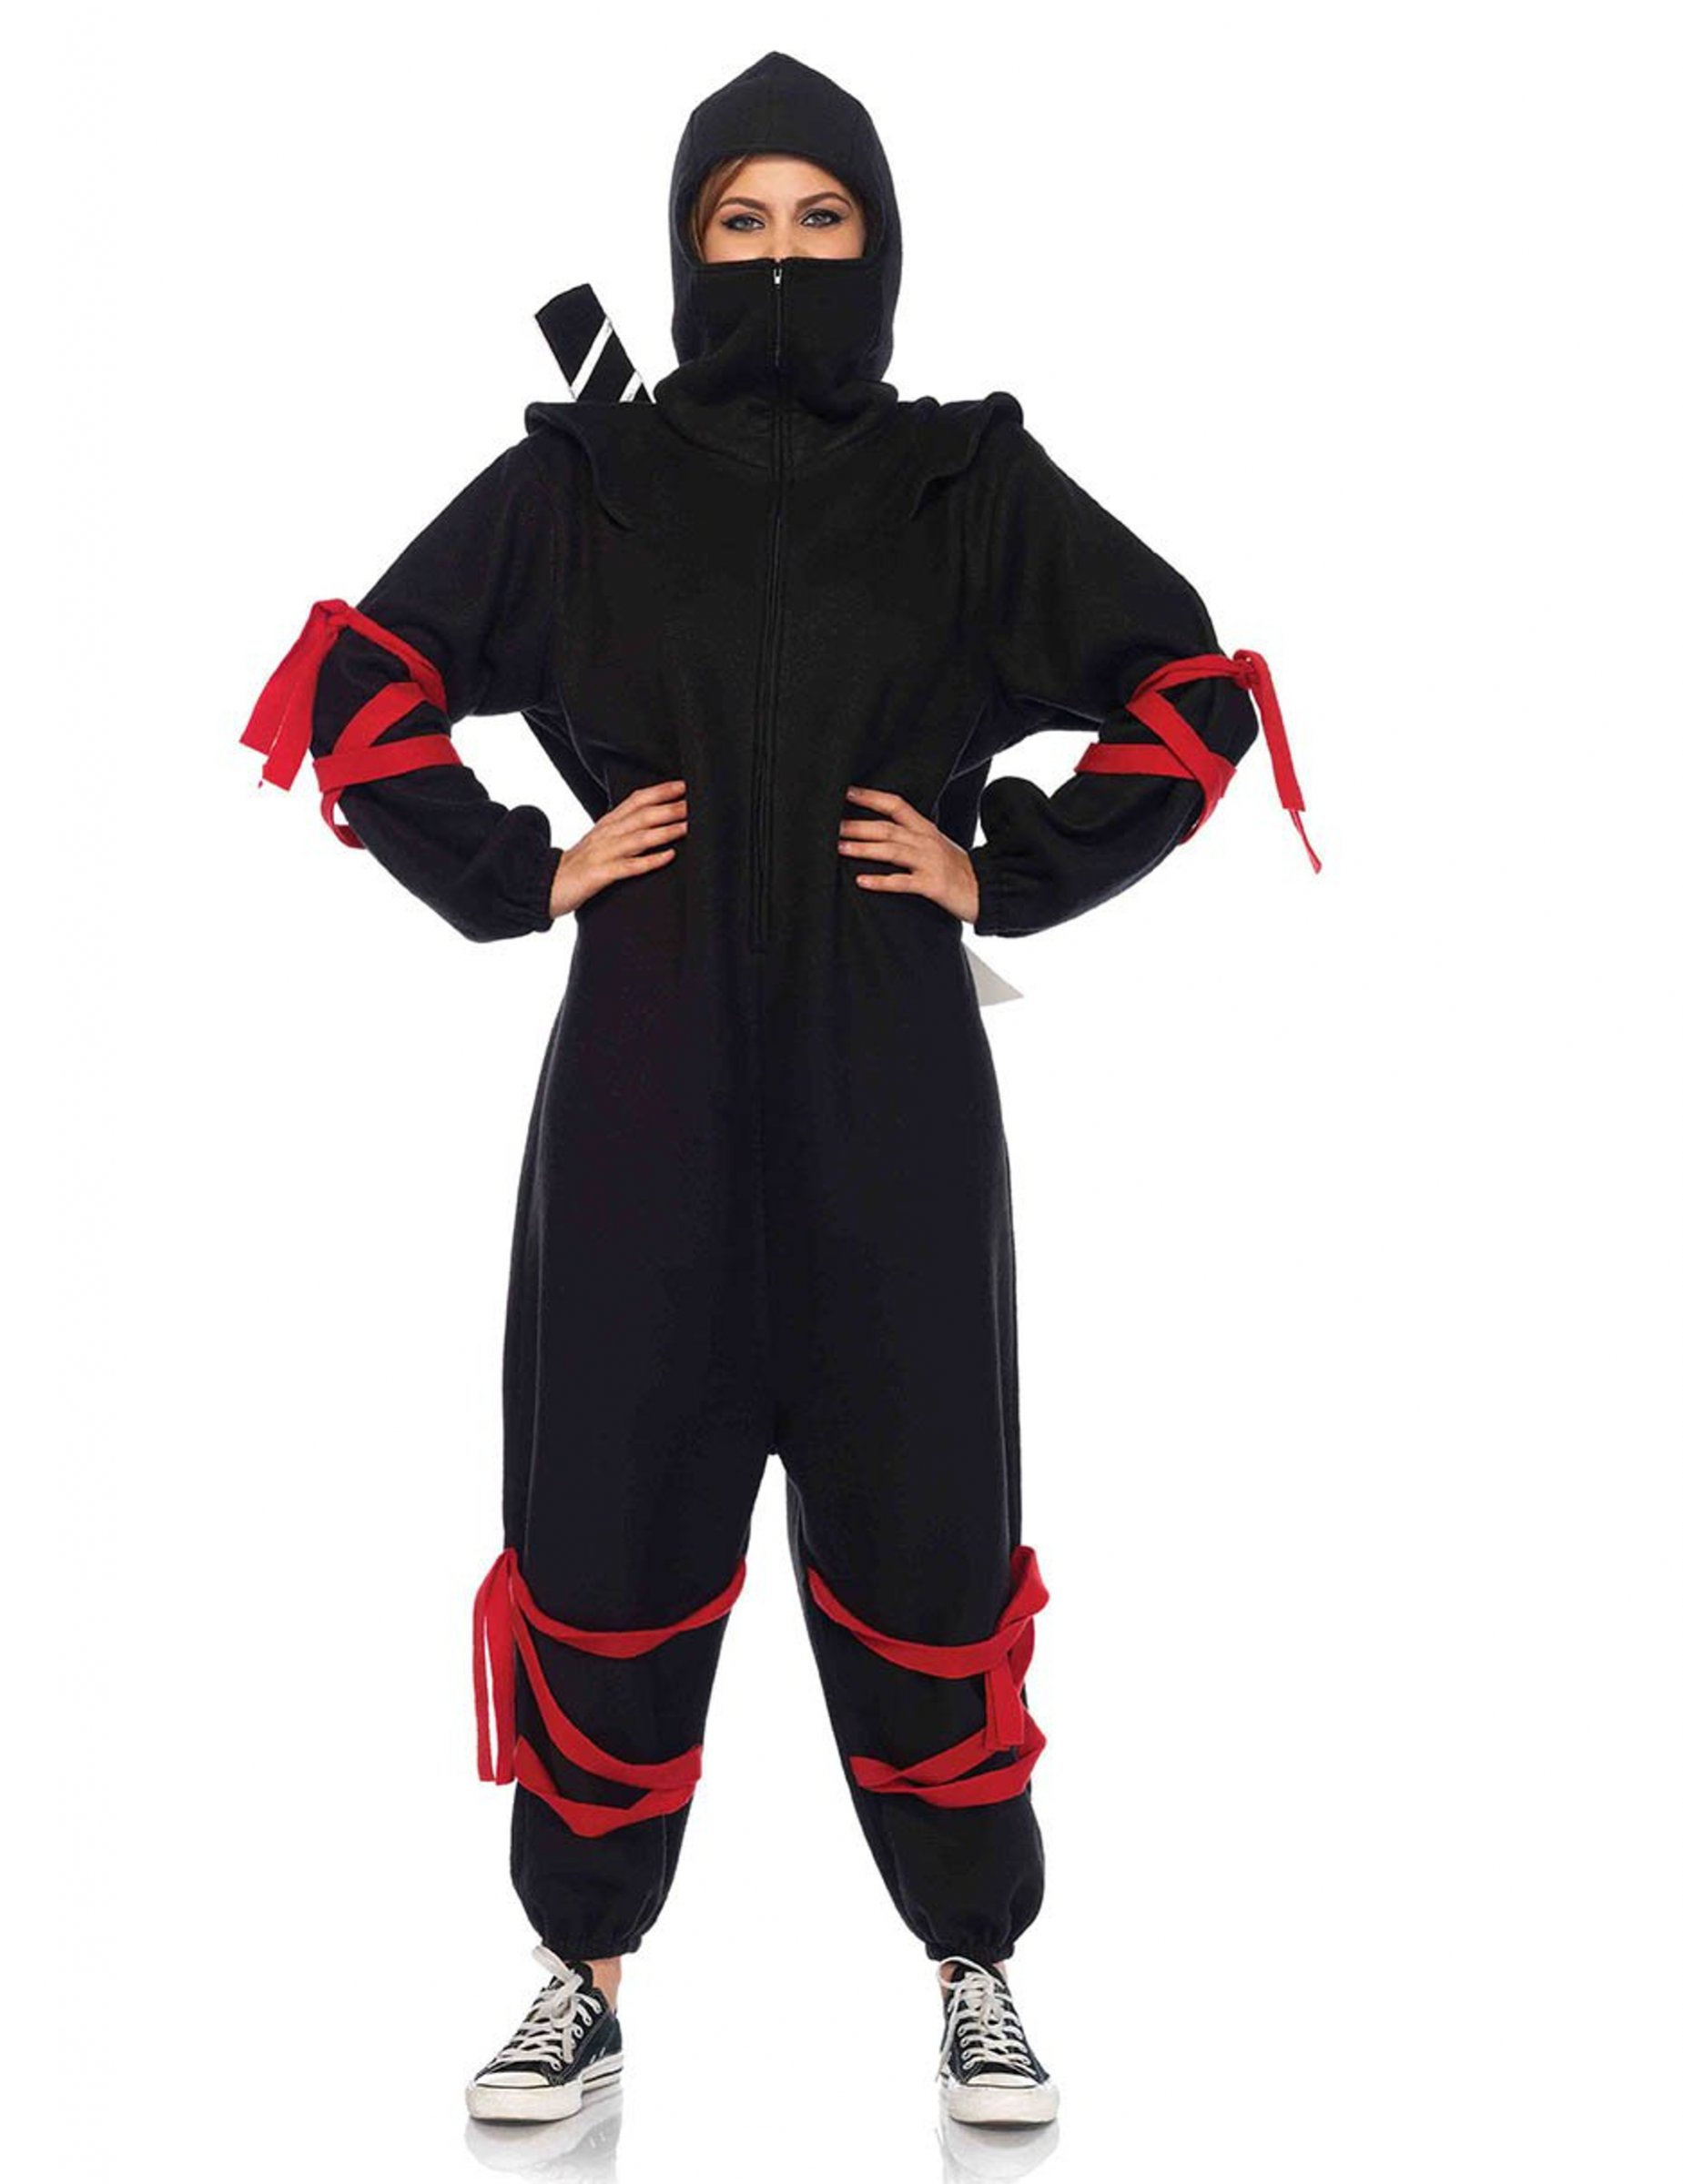 Carnavalskleding Dames Ninja.Ninja Onesie Voor Vrouwen Volwassenen Kostuums En Goedkope